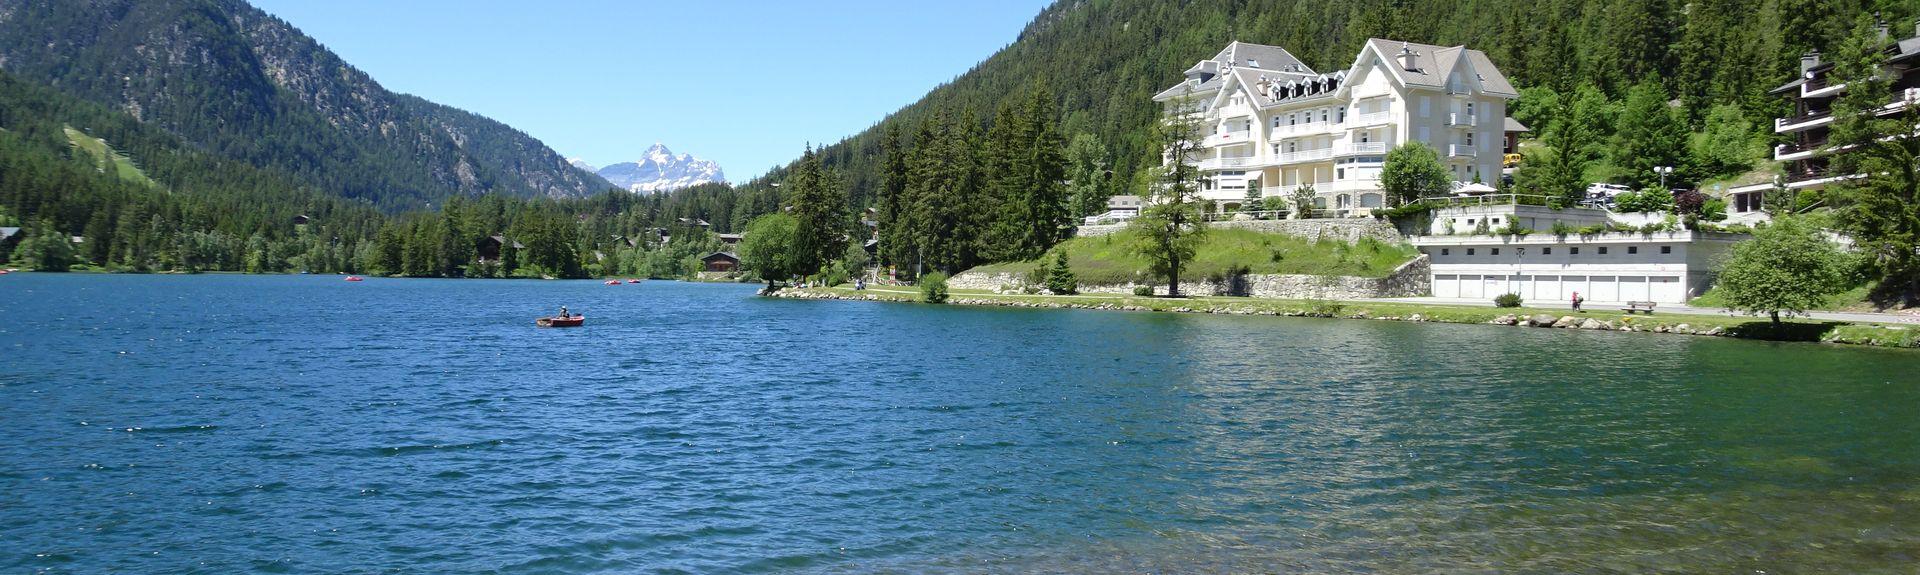 La Fouly, Orsières, Valais, Suisse